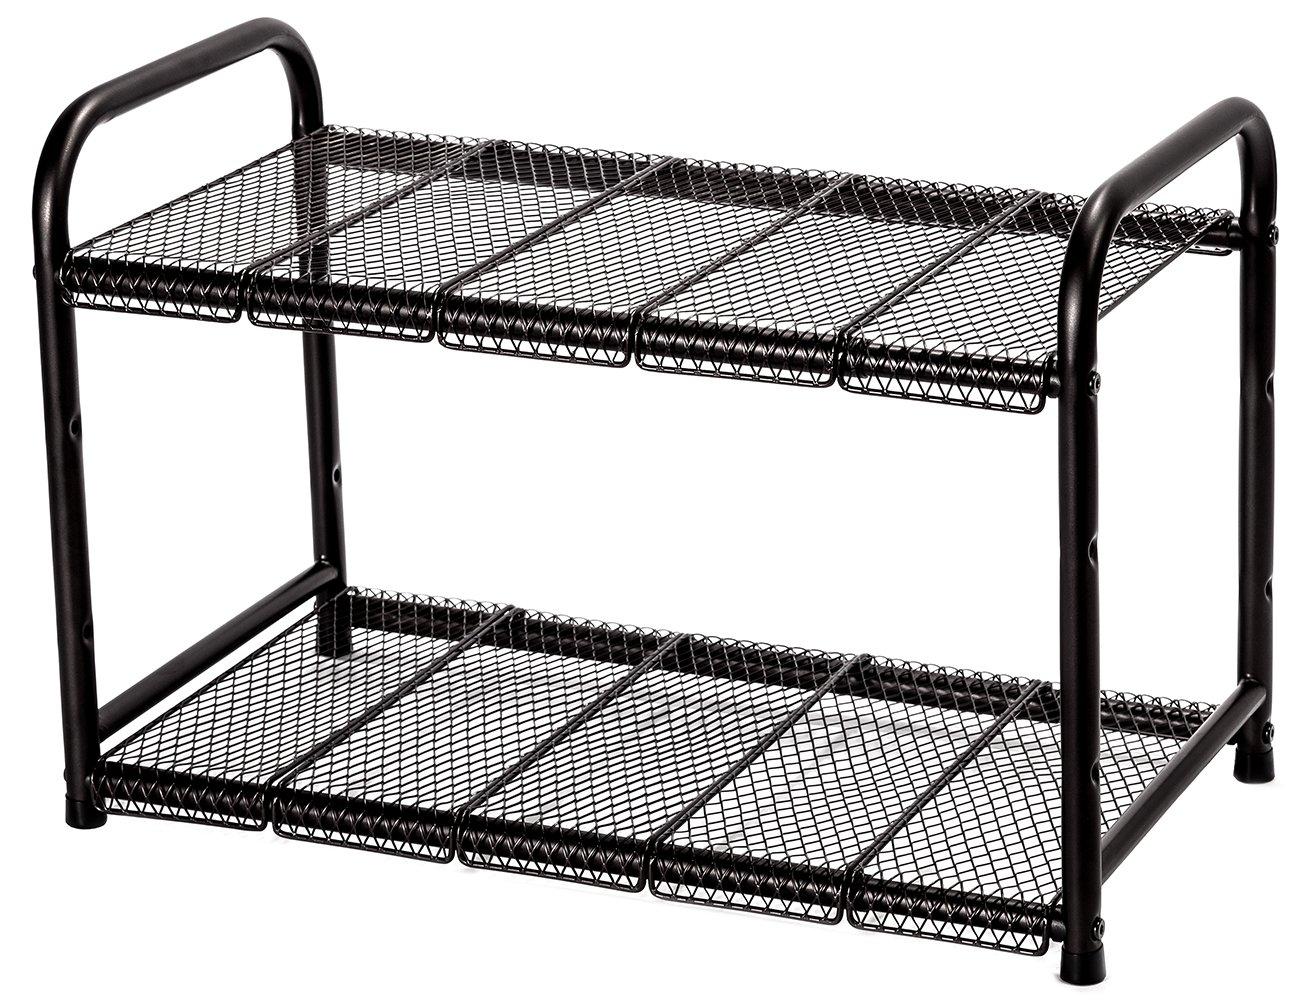 STORAGE MANIAC Under Sink 2 Tier Adjustable(Width&Height) Shelf Organizer 10 Removable Steel Panels, Bronze